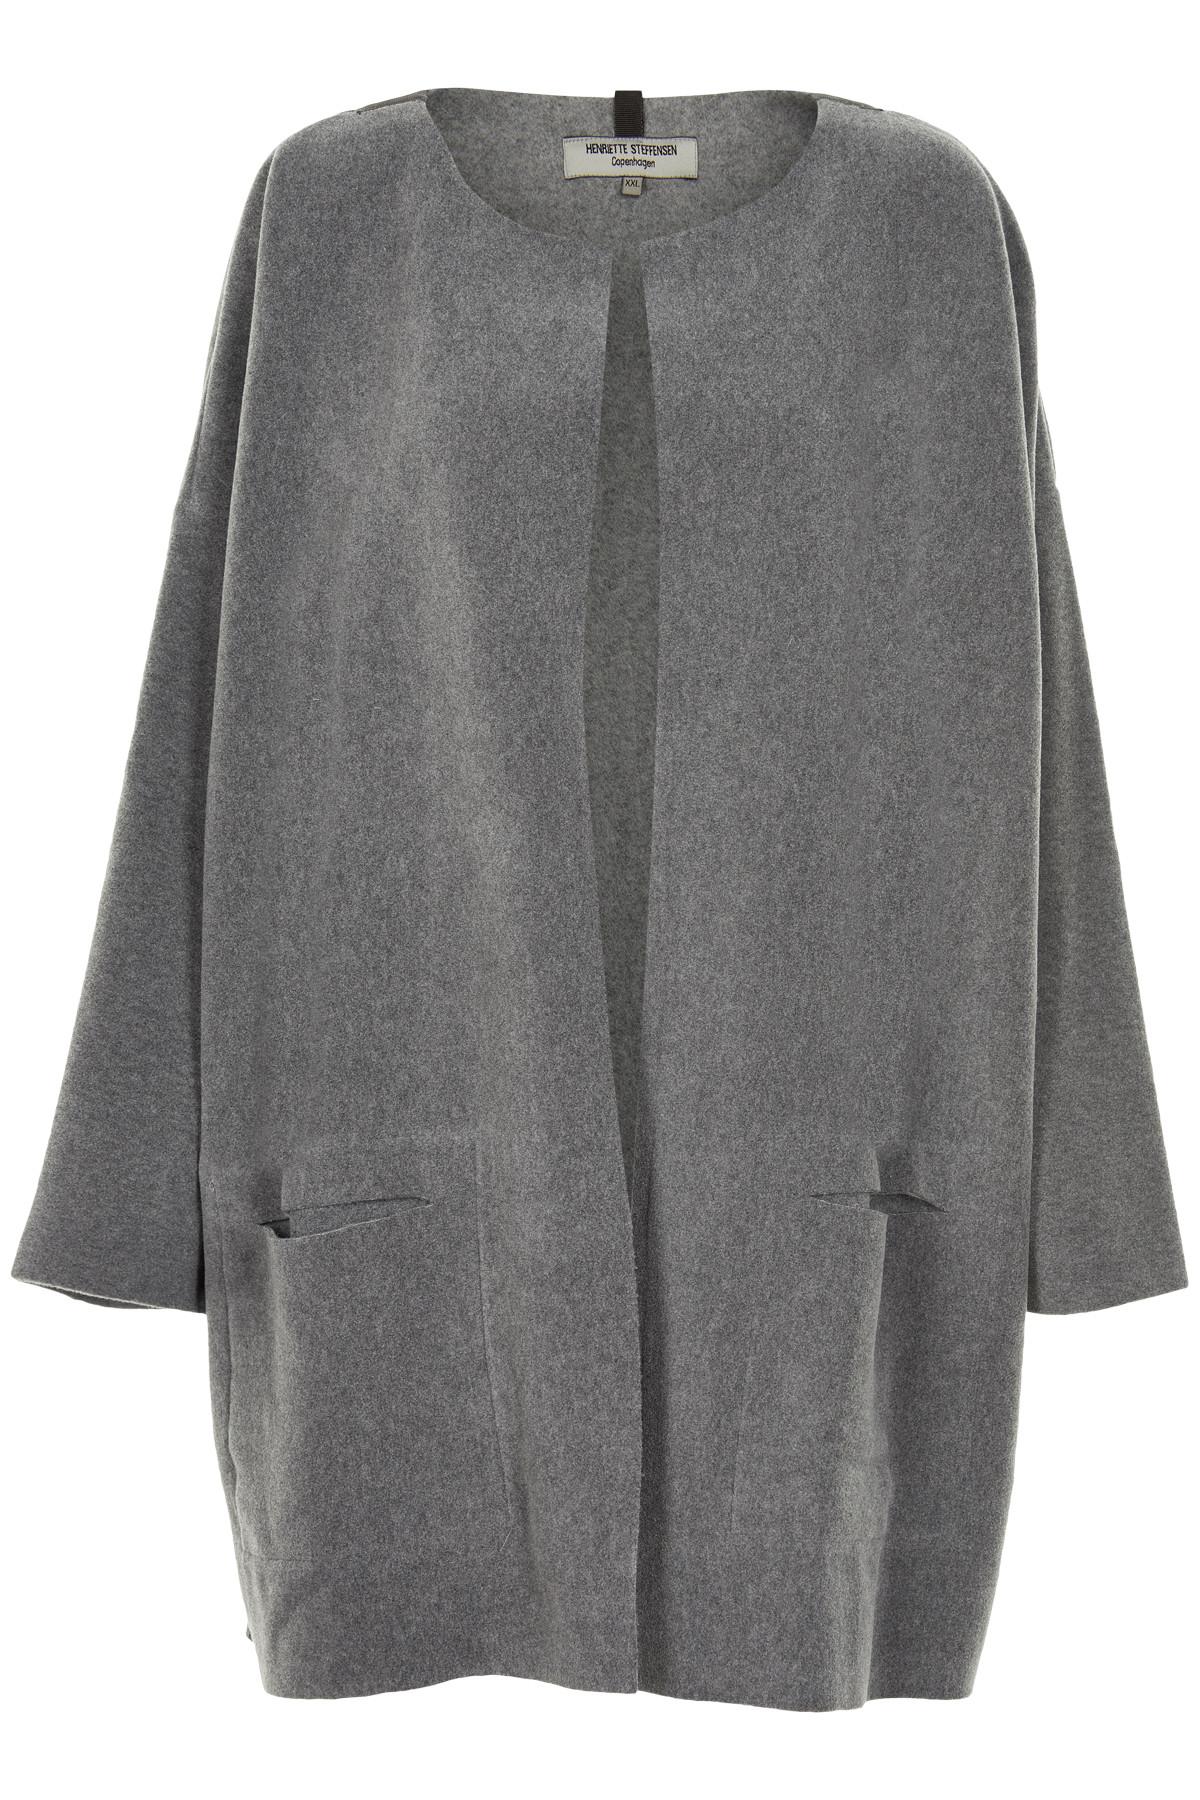 Image of   HENRIETTE STEFFENSEN Copenhagen 7105 CARDIGAN GREY (Grey, S)